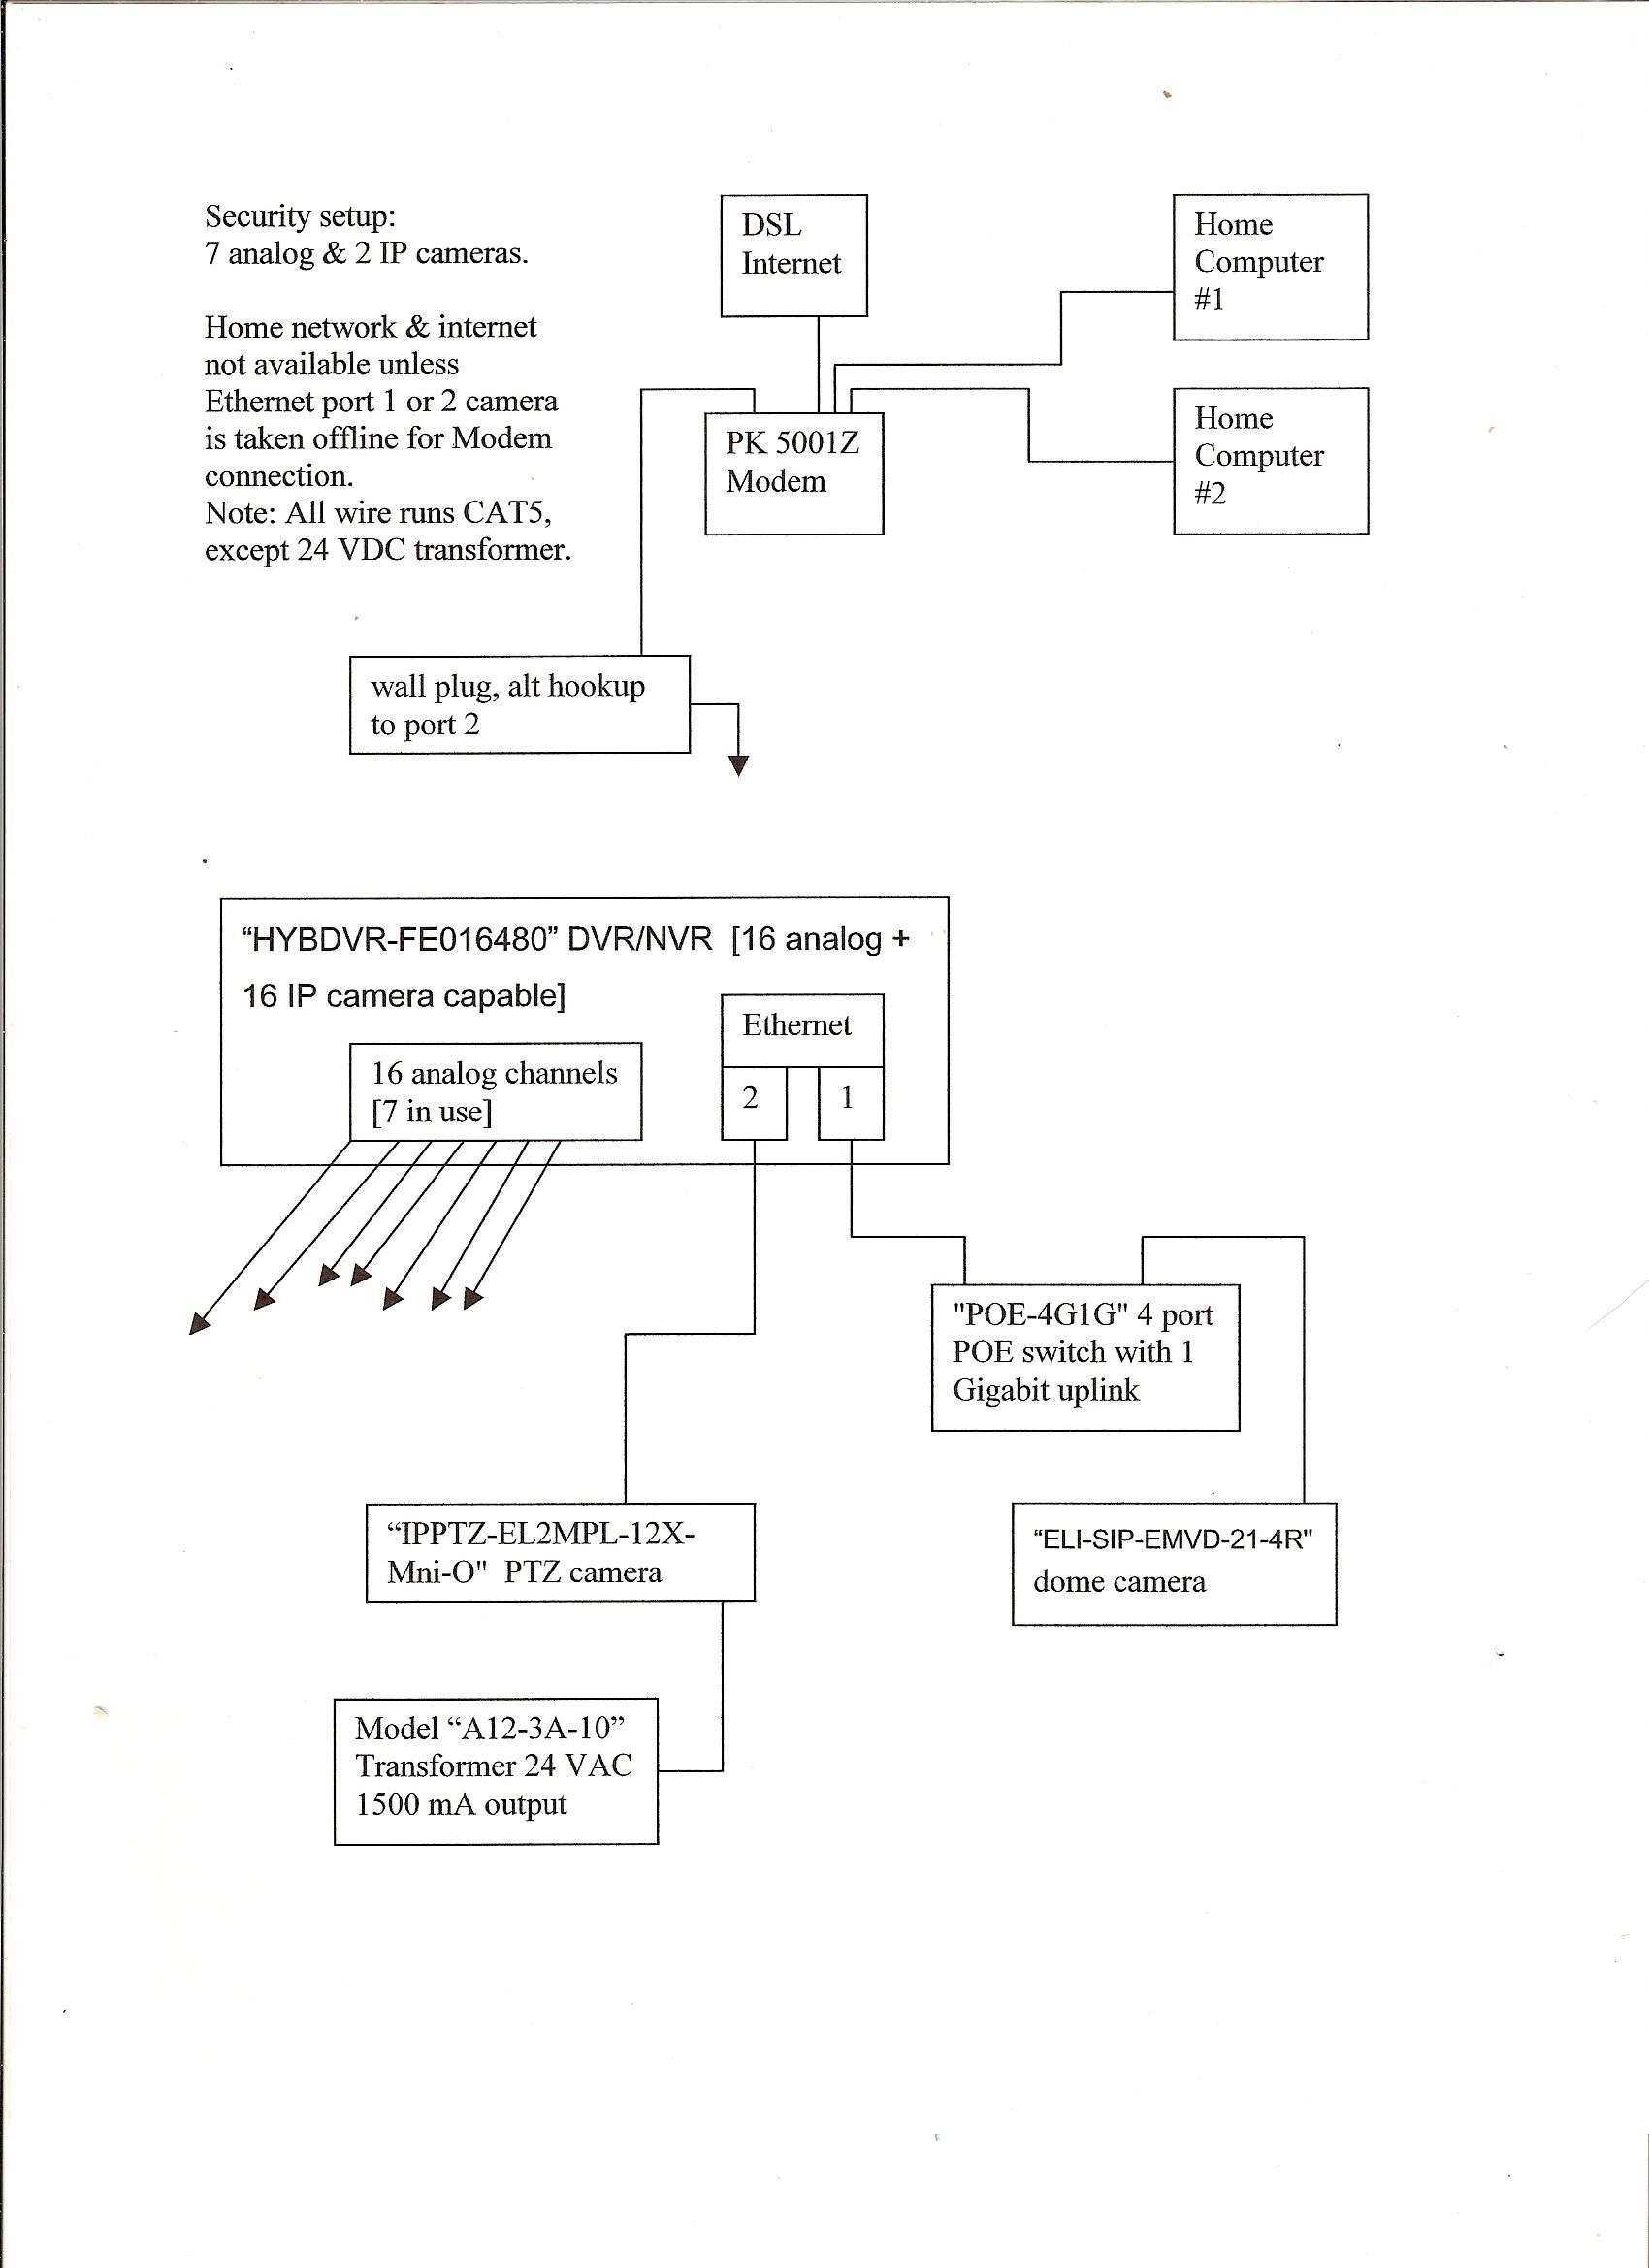 Security dvr setup image enlarger